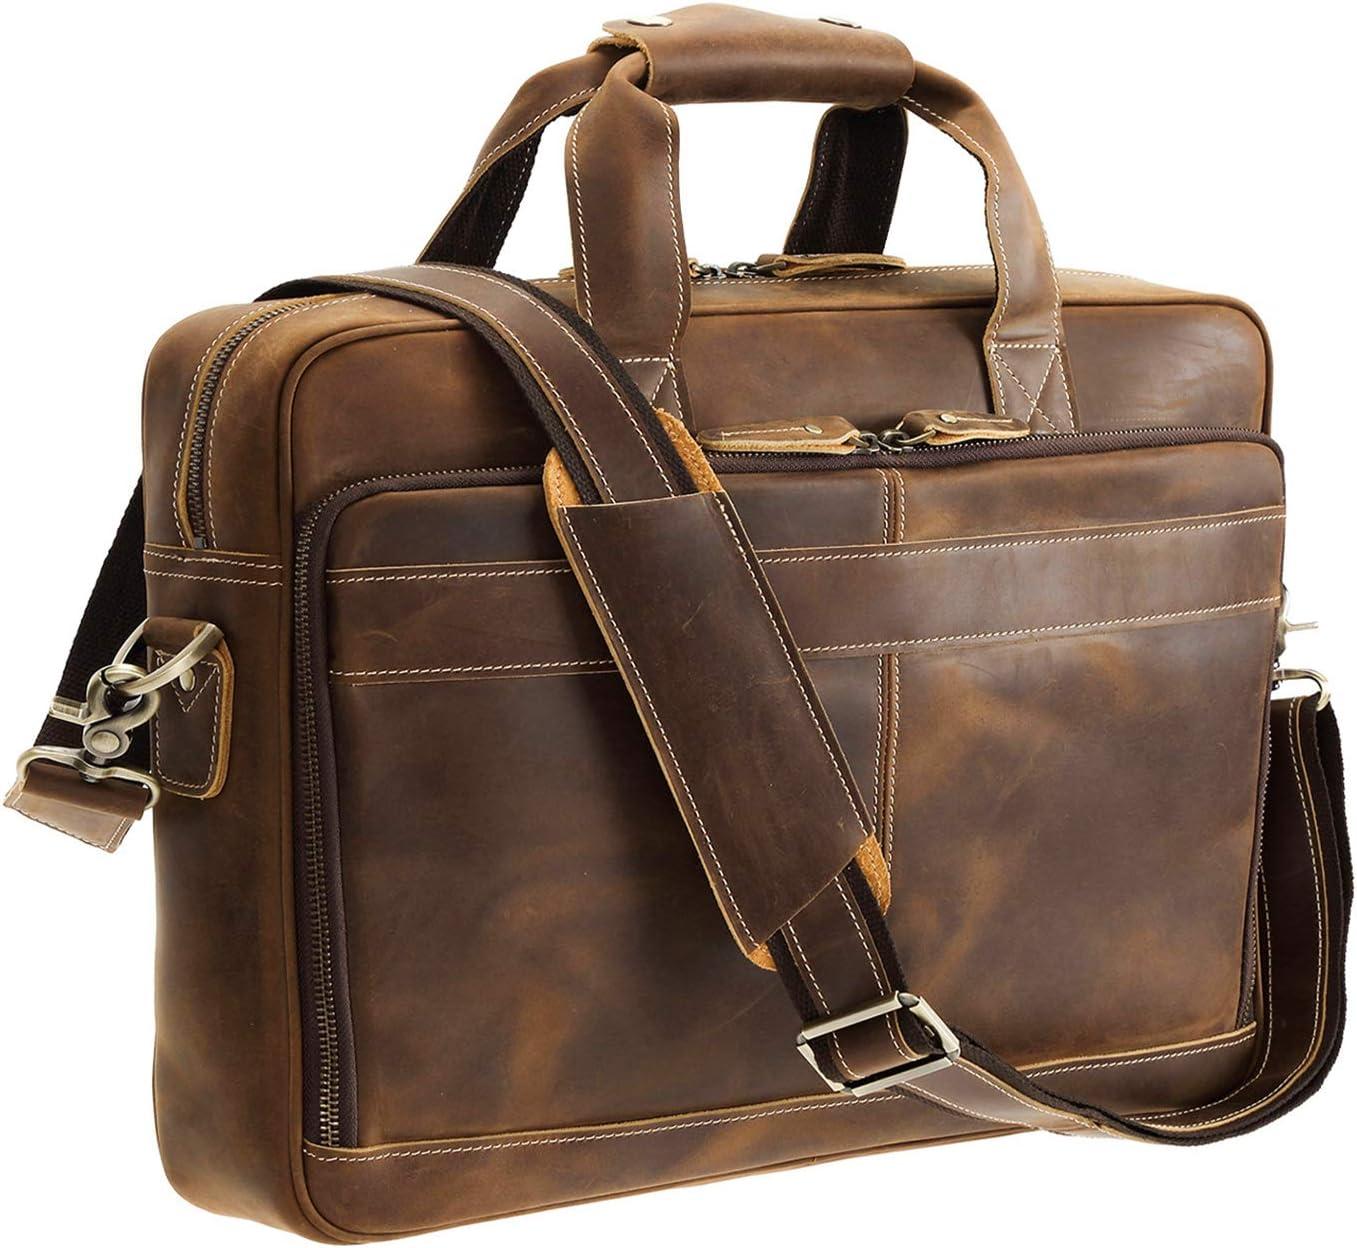 Polare Italian Full Grain Leather 15.6'' Laptop Bag Briefcase for Men Business Travel Messenger Bag